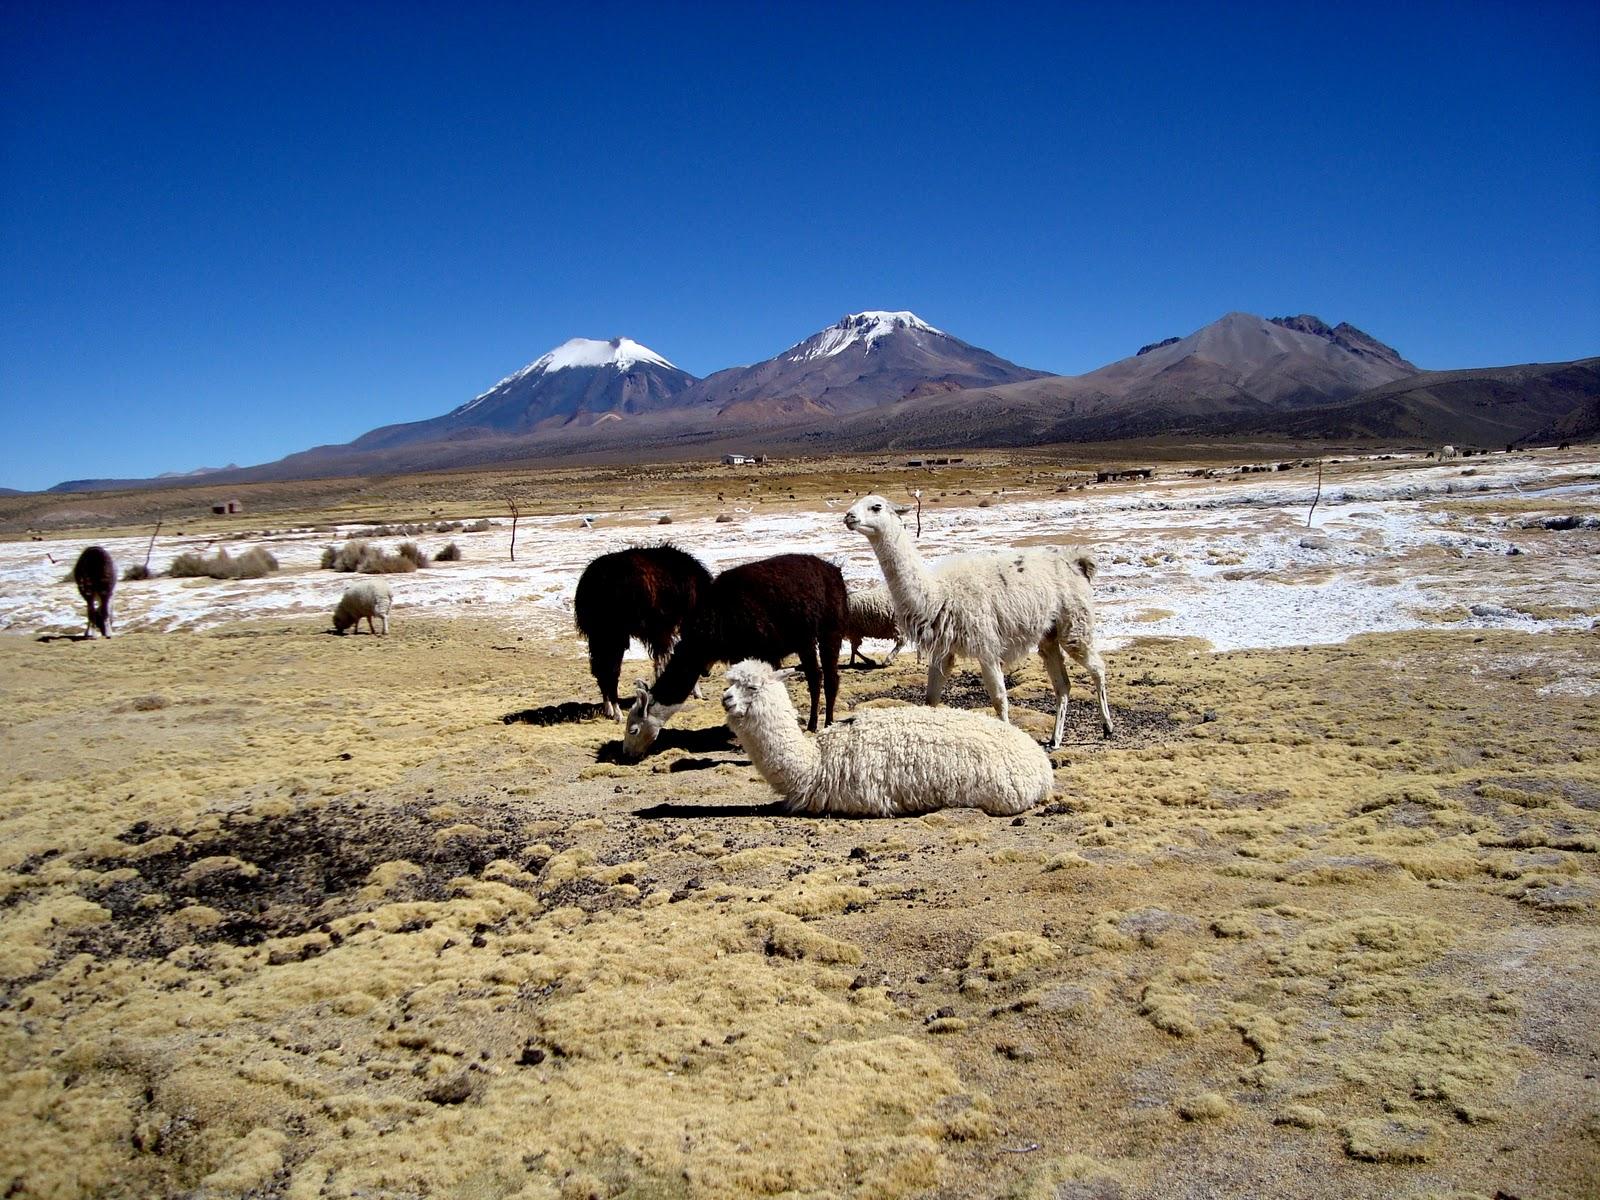 Solo para ver parque sajama bolivia for Piletas naturales argentina